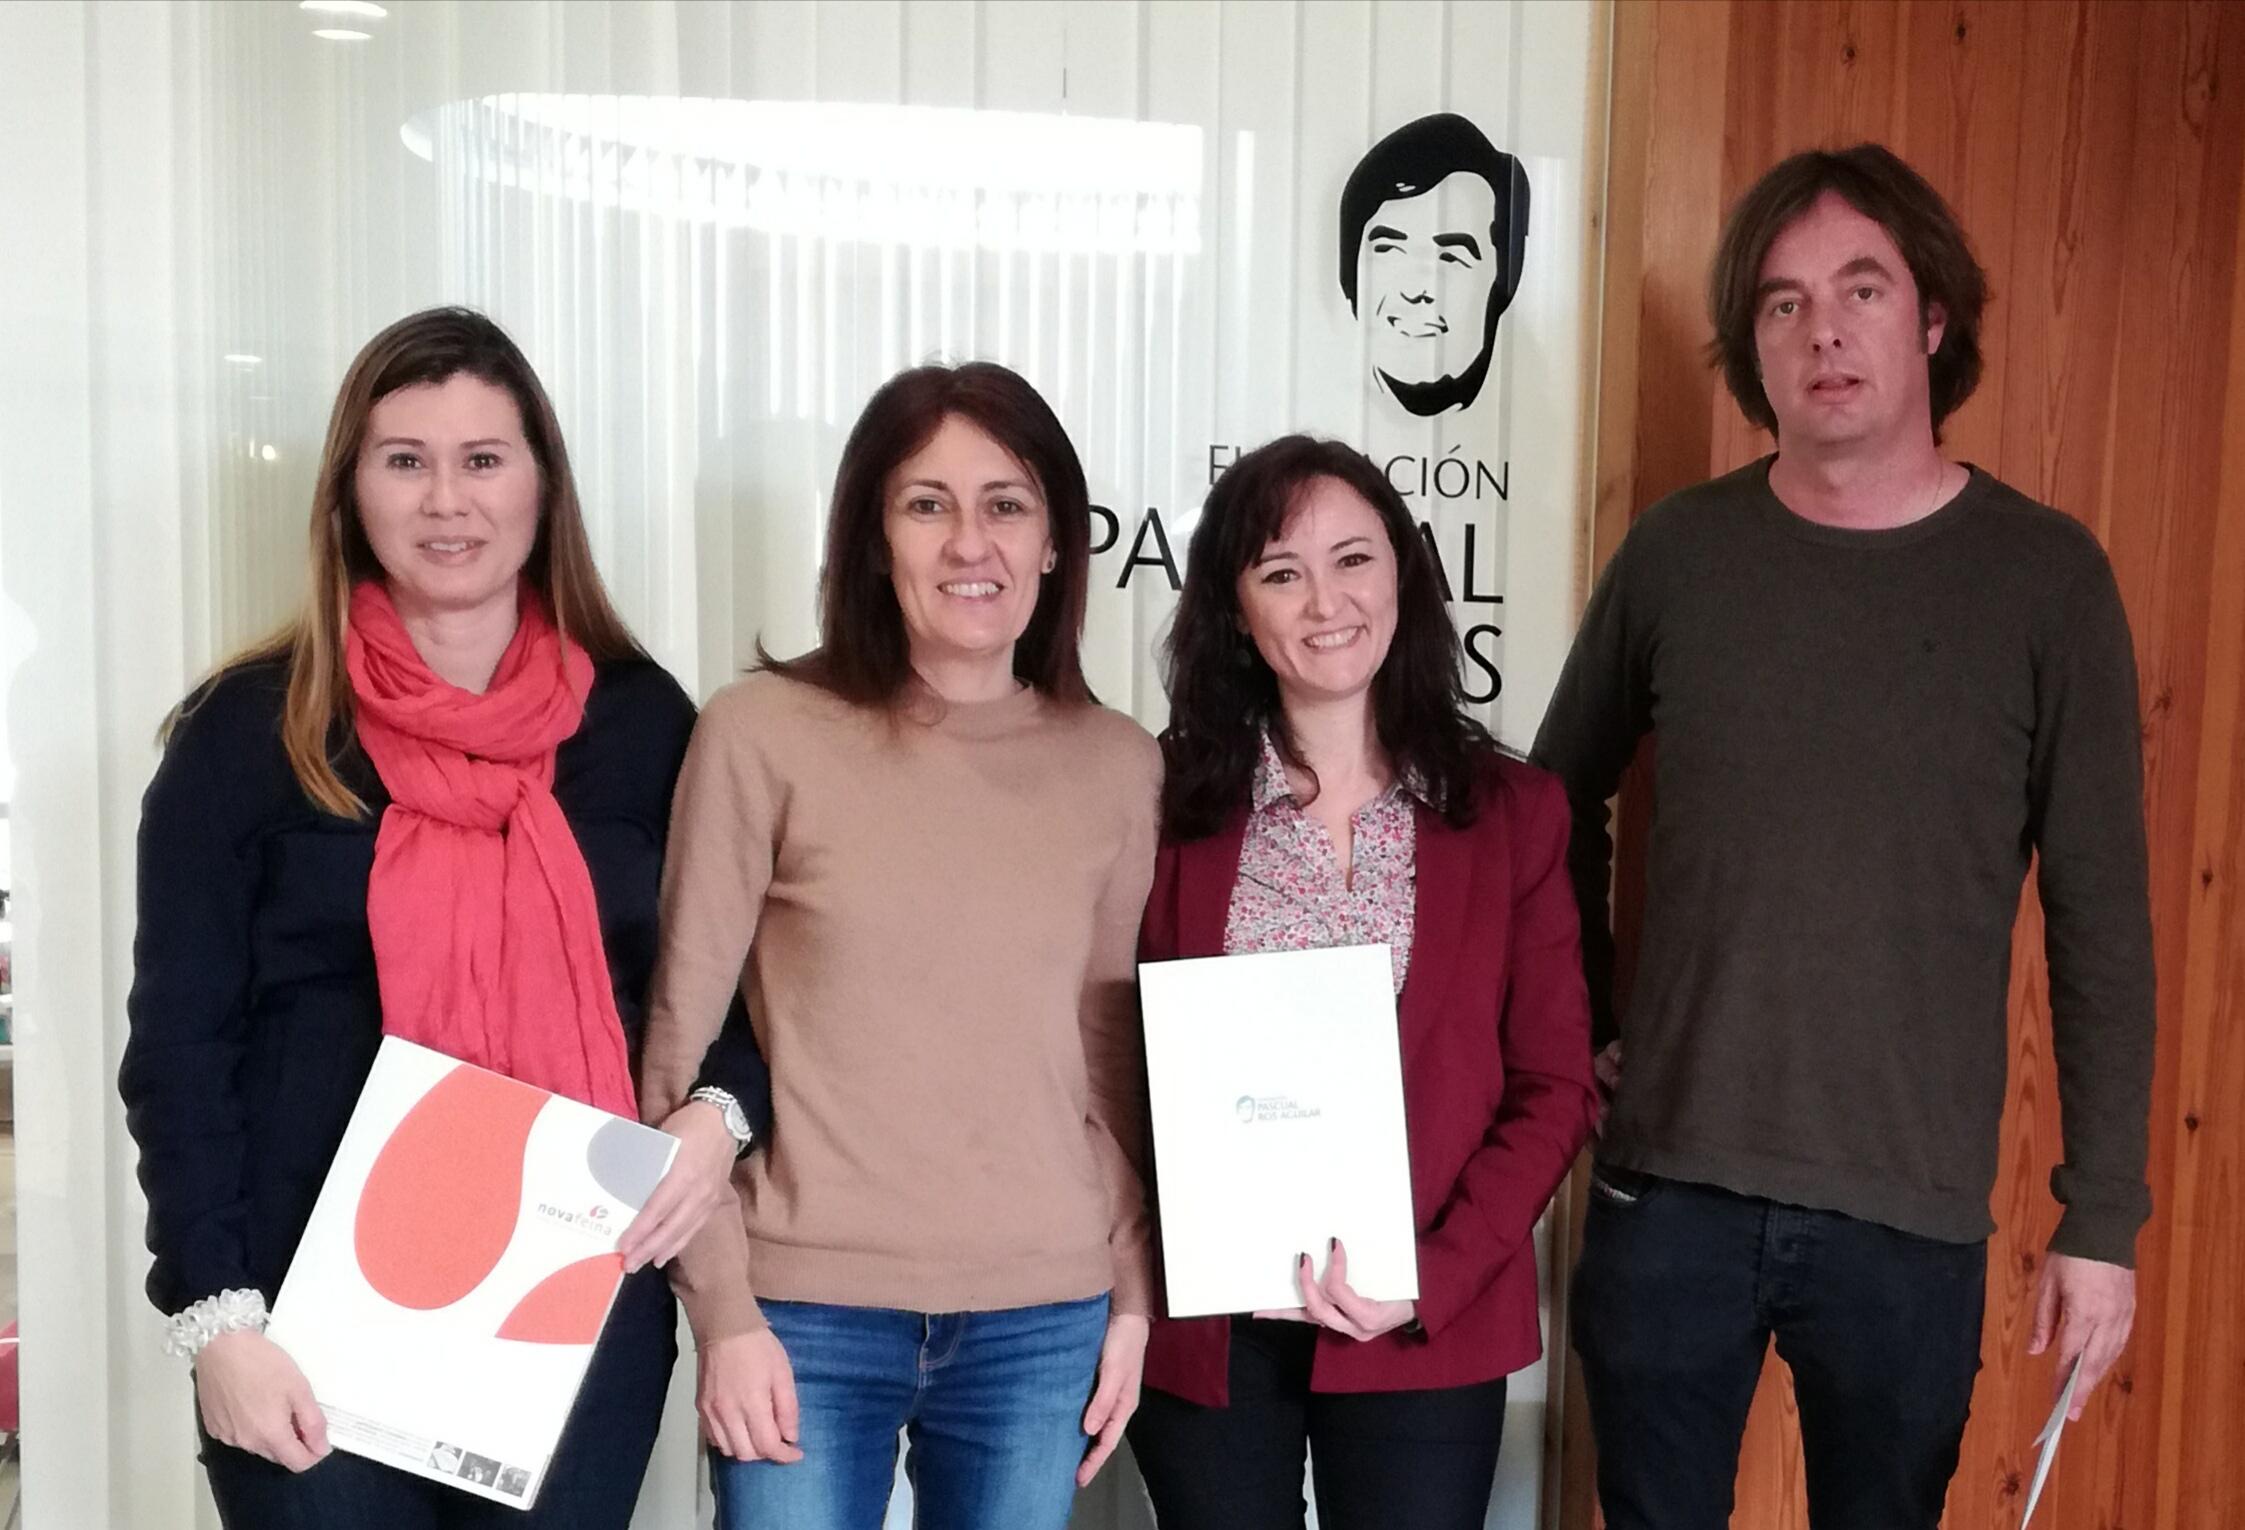 Donación Fundación Pasucal Ros